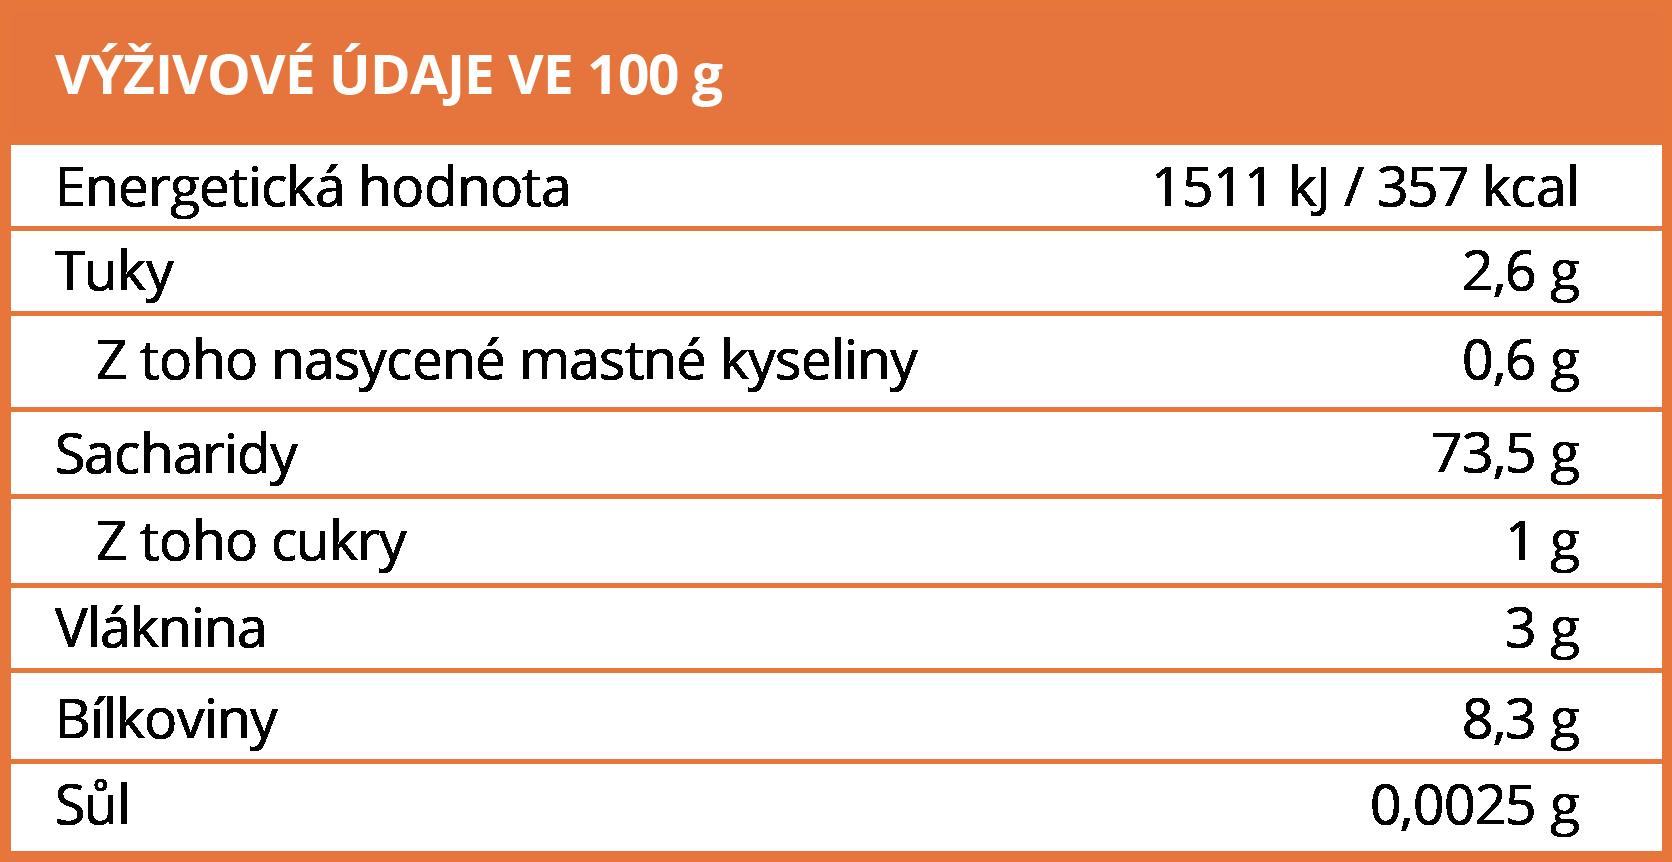 Výživové hodnoty BrainMax Pure Basmati Rýže hnědá - BrainMarket.cz